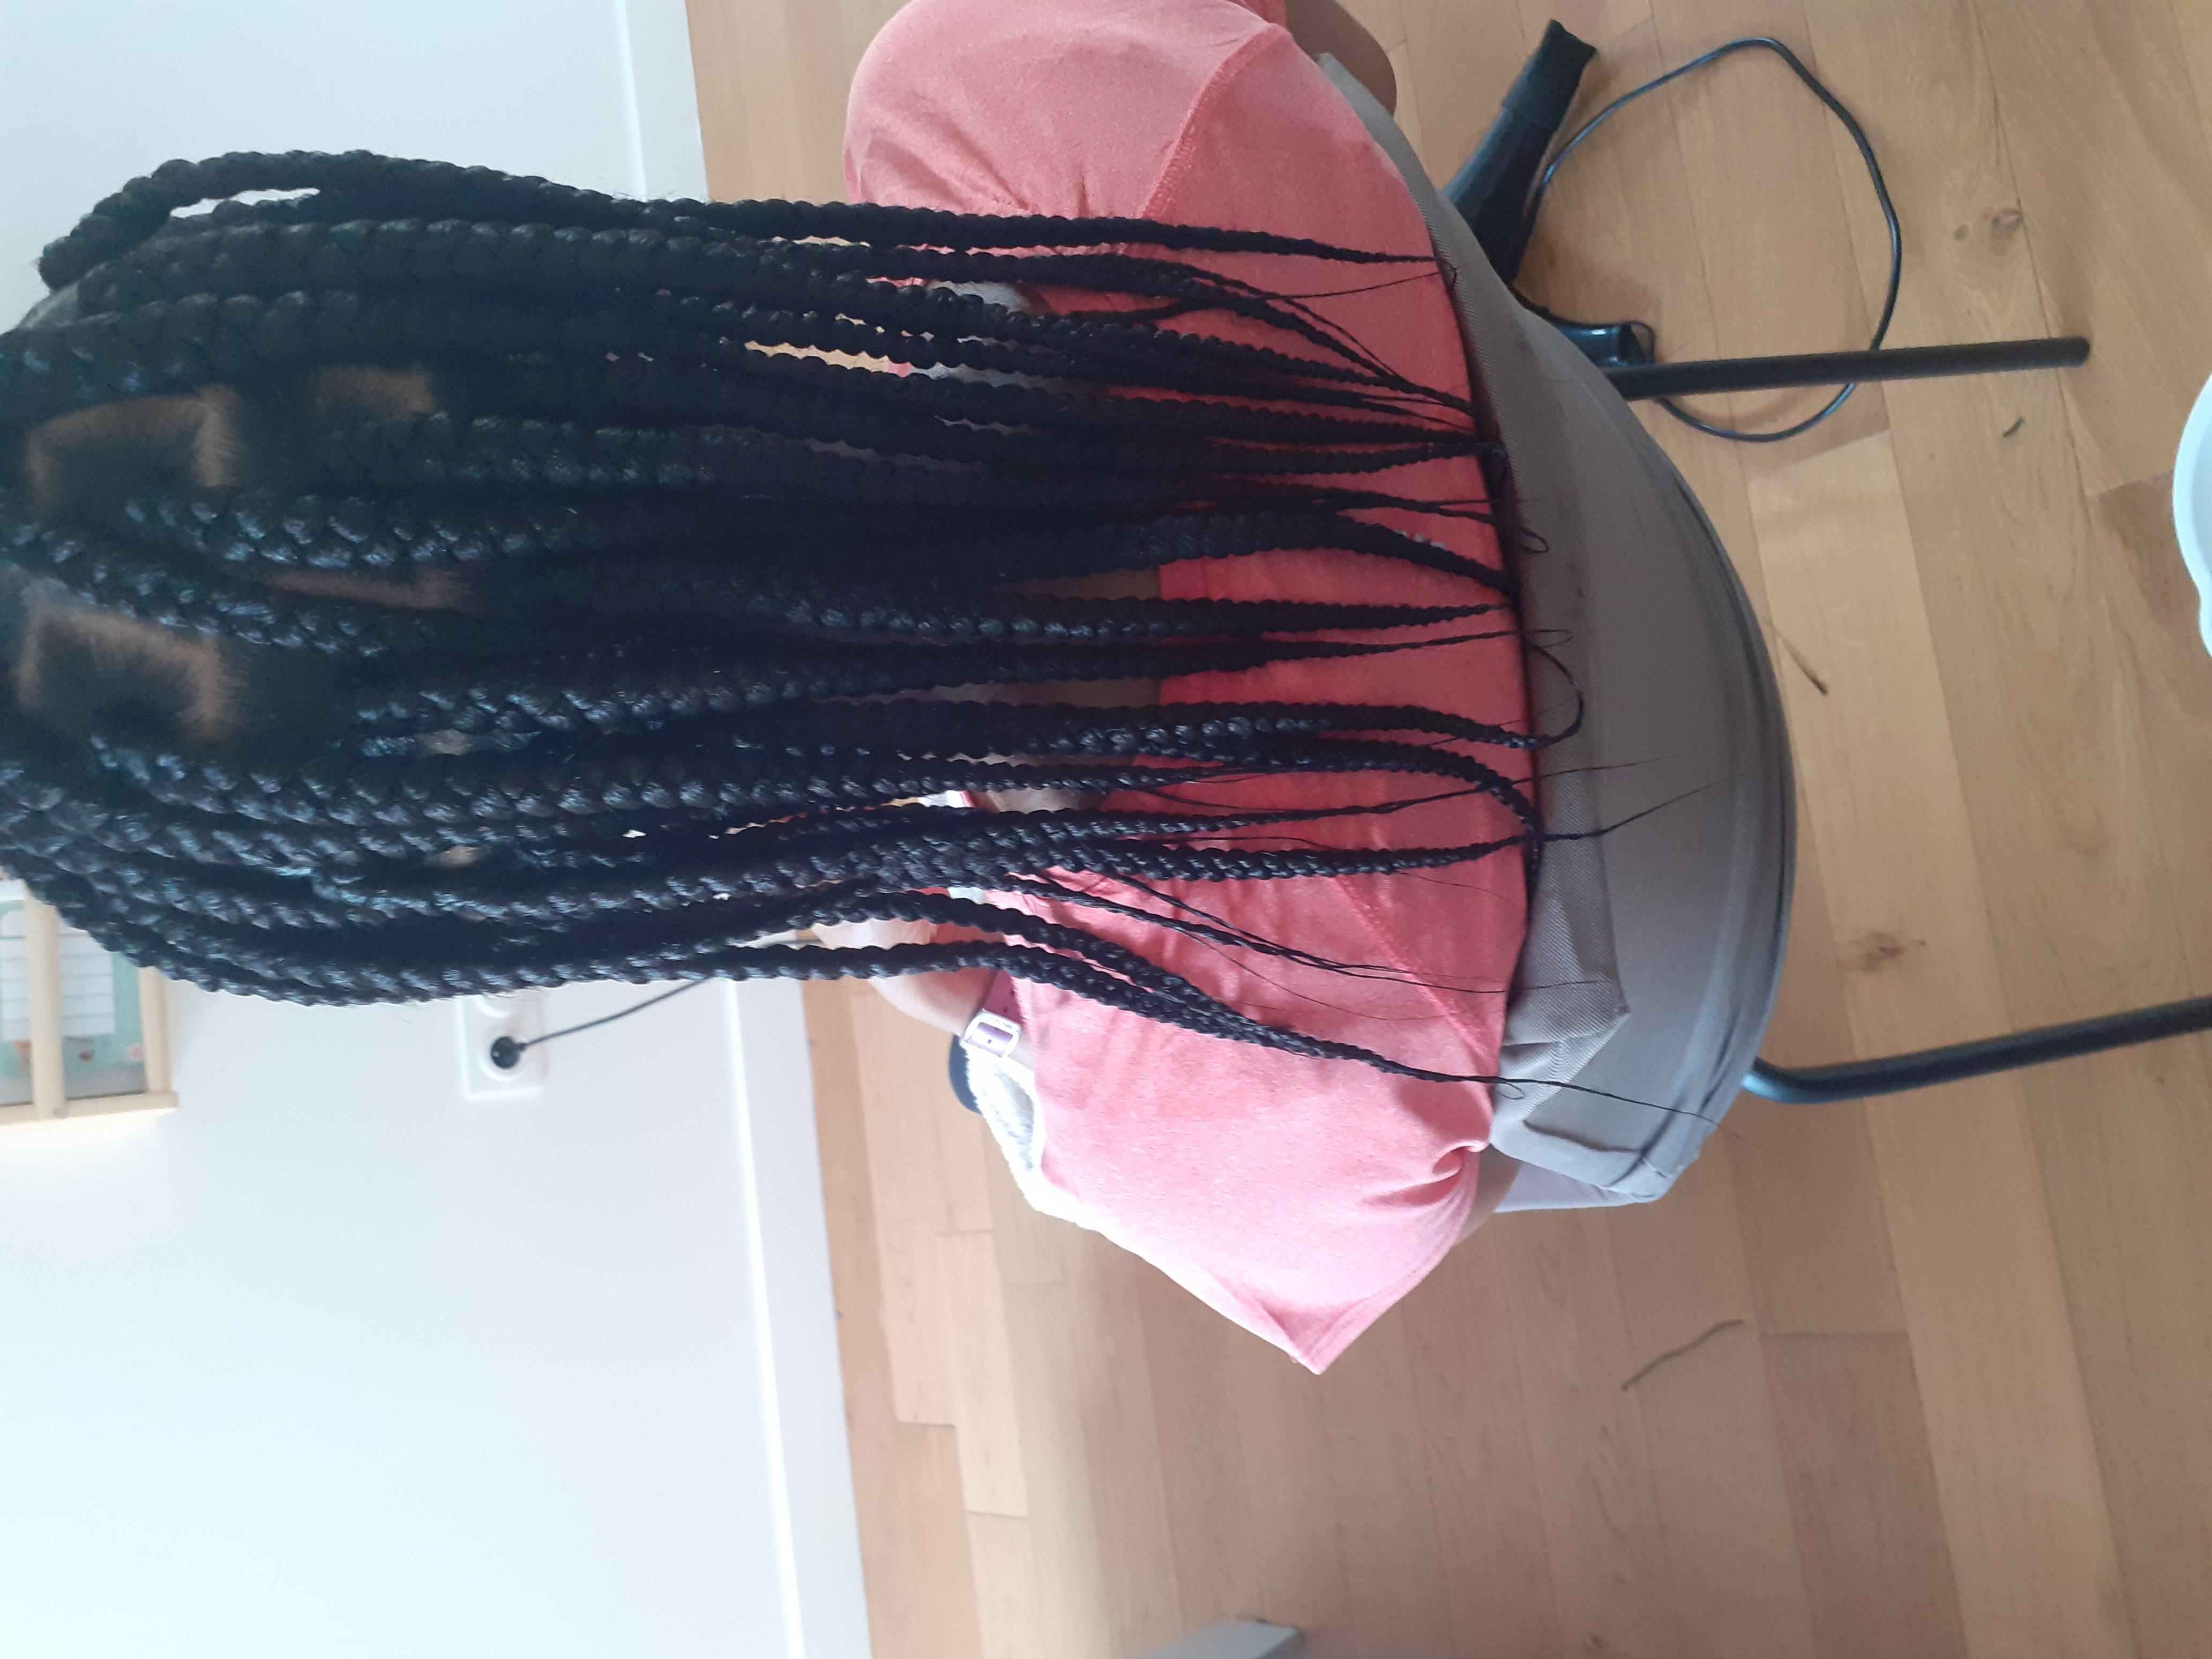 salon de coiffure afro tresse tresses box braids crochet braids vanilles tissages paris 75 77 78 91 92 93 94 95 IKNHENOS